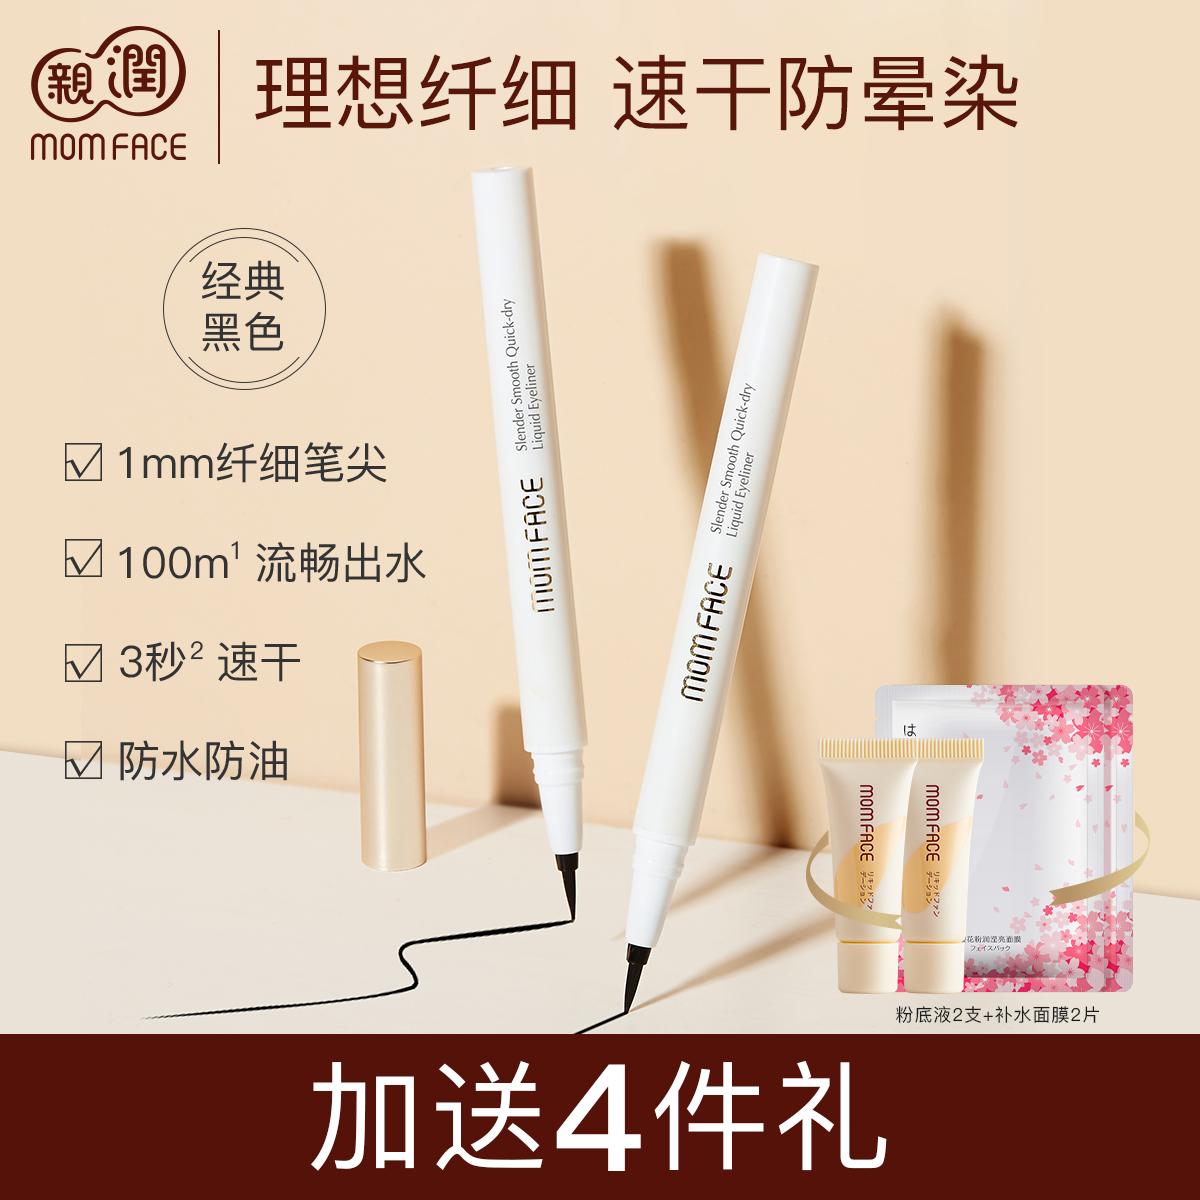 亲润孕妇眼线笔 怀孕期专用防水眼线液膏防汗 水性眼线笔眼线液笔